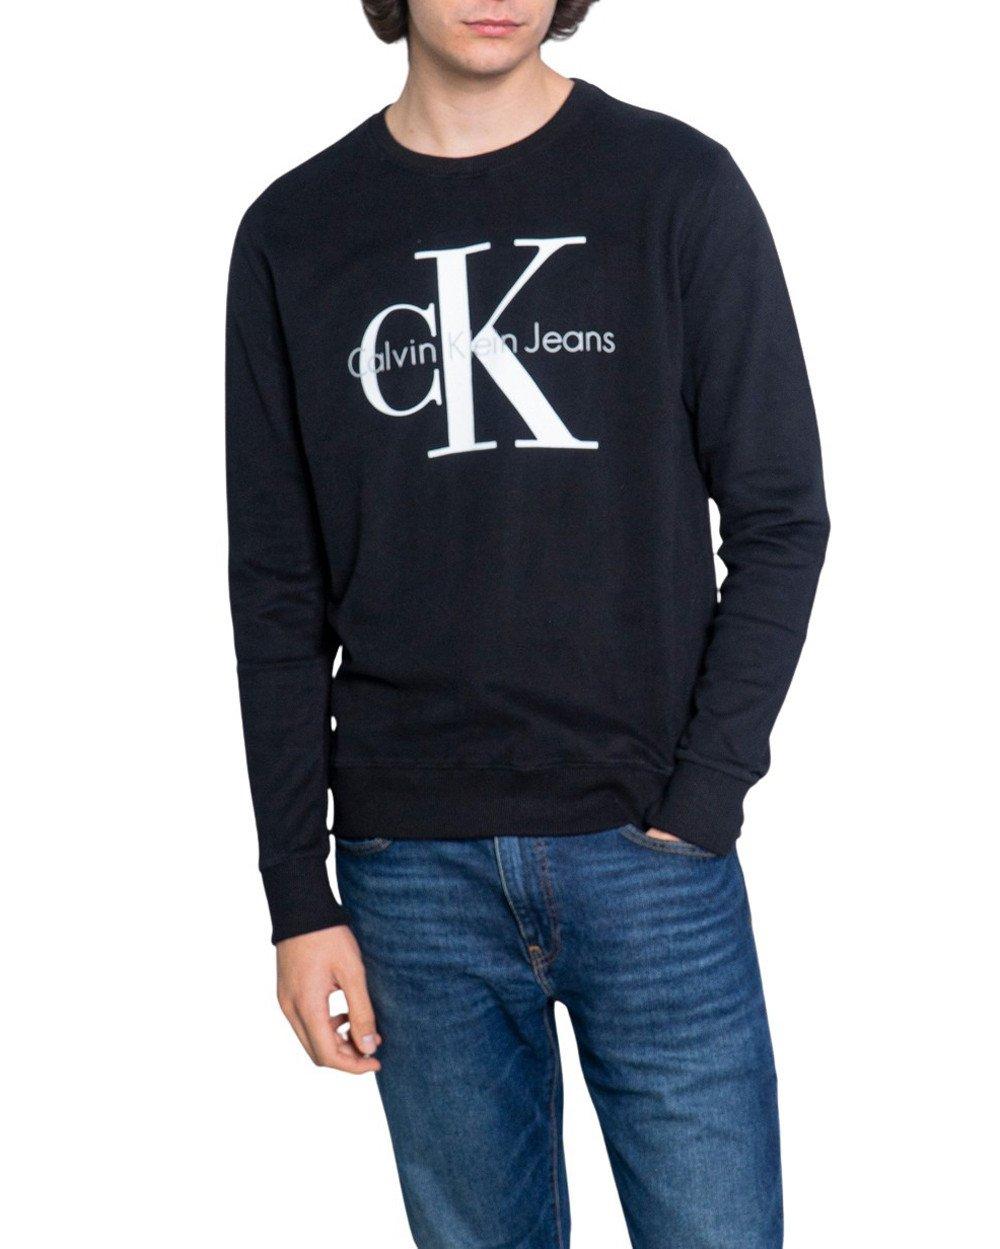 Calvin Klein Jeans Men's Sweatshirt Various Colours 188994 - black S